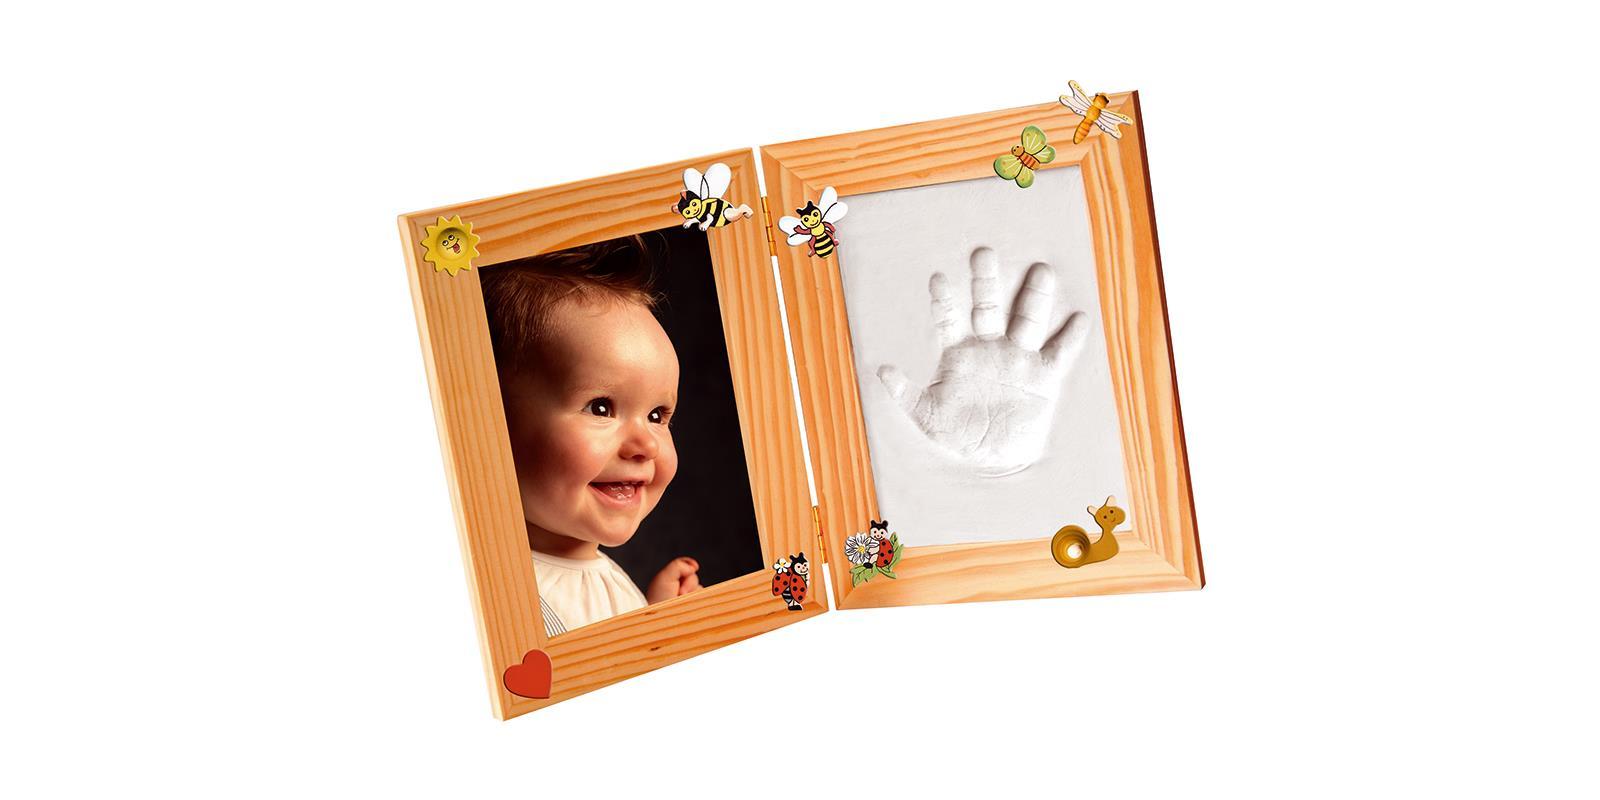 3D-Erinnerungen Bilderrahmen-Set klein holz Baby Abdruckset Hand und ...